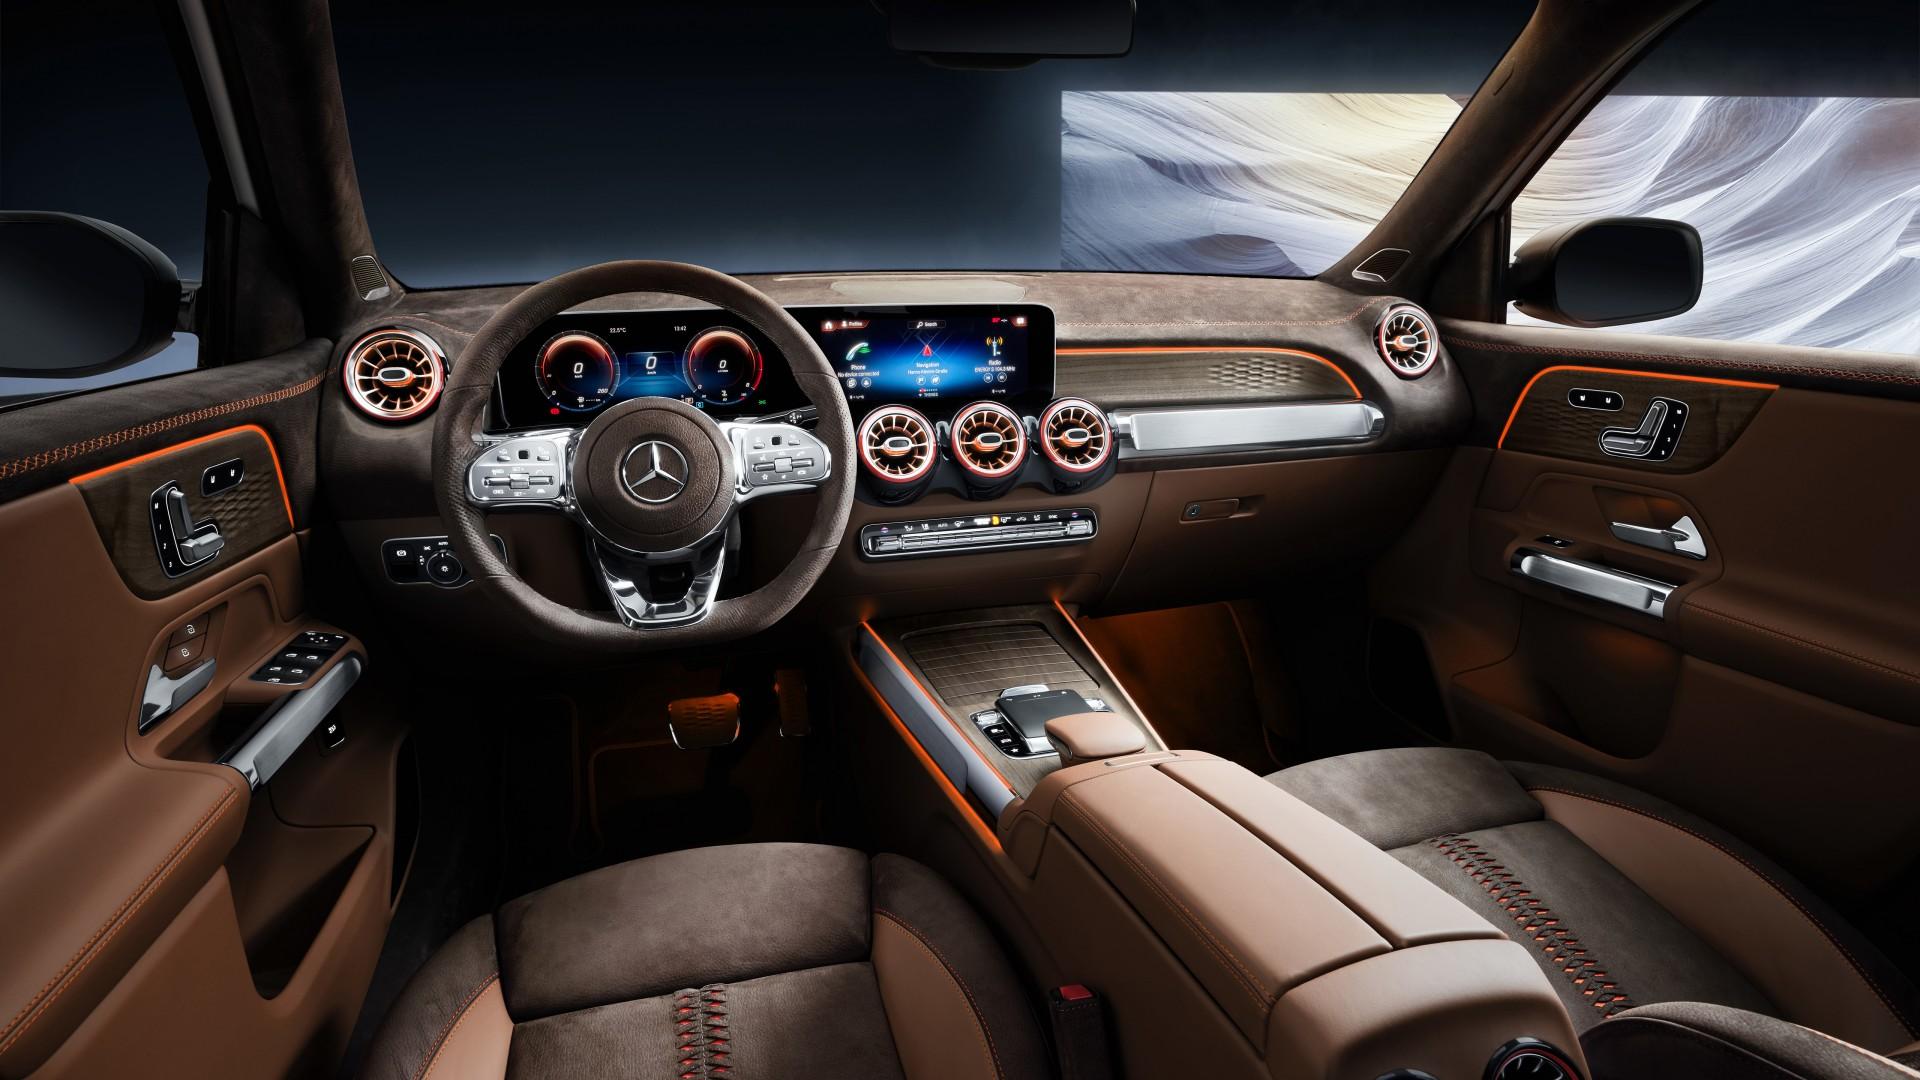 Mercedes Benz Concept Glb 2019 5k Interior Wallpaper Hd